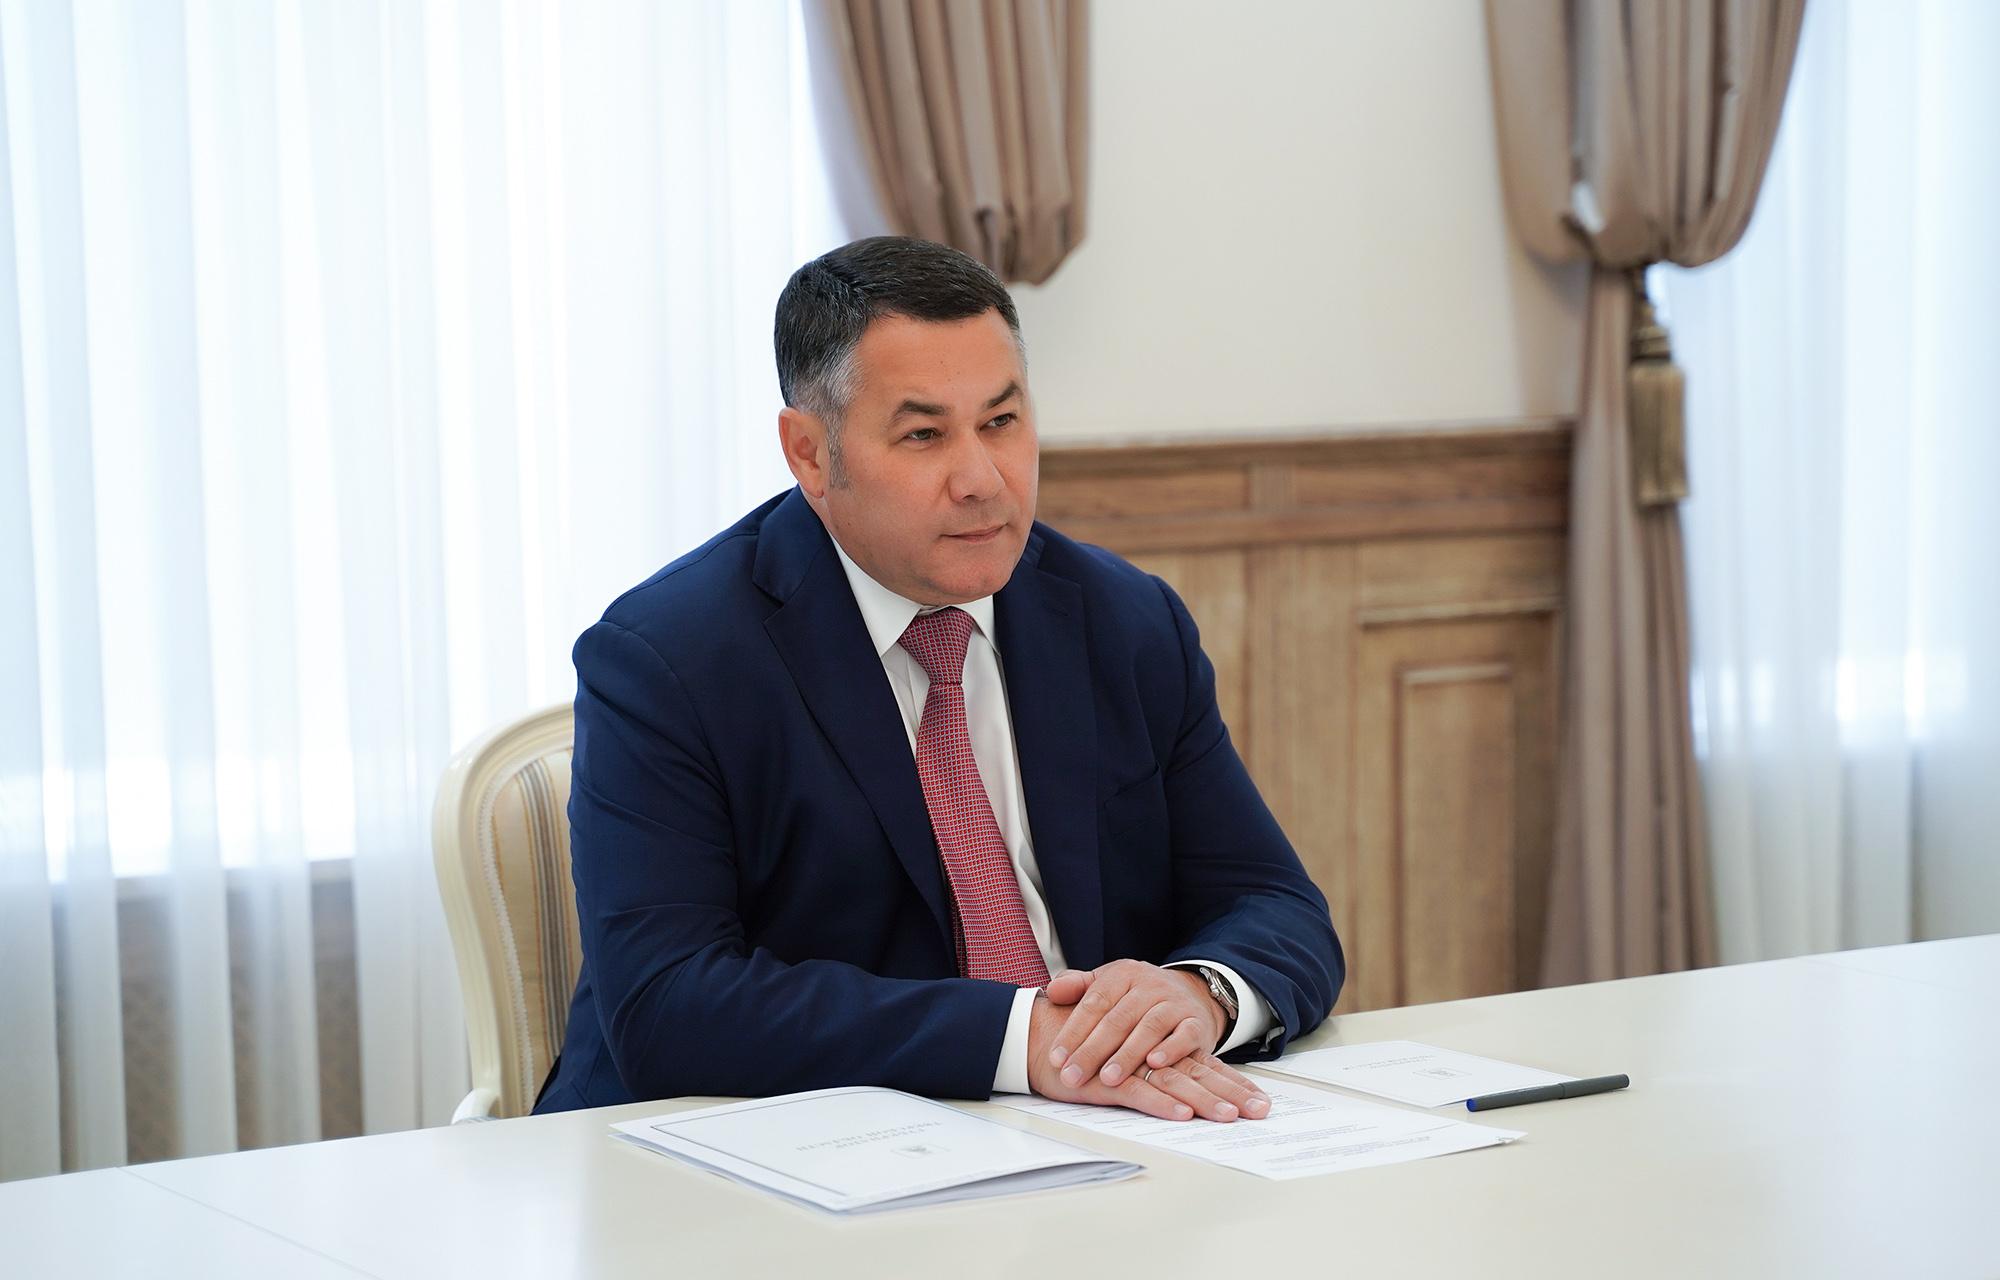 Губернатор Игорь Руденя провёл встречу с главой Бологовского района Геннадием Ломакой